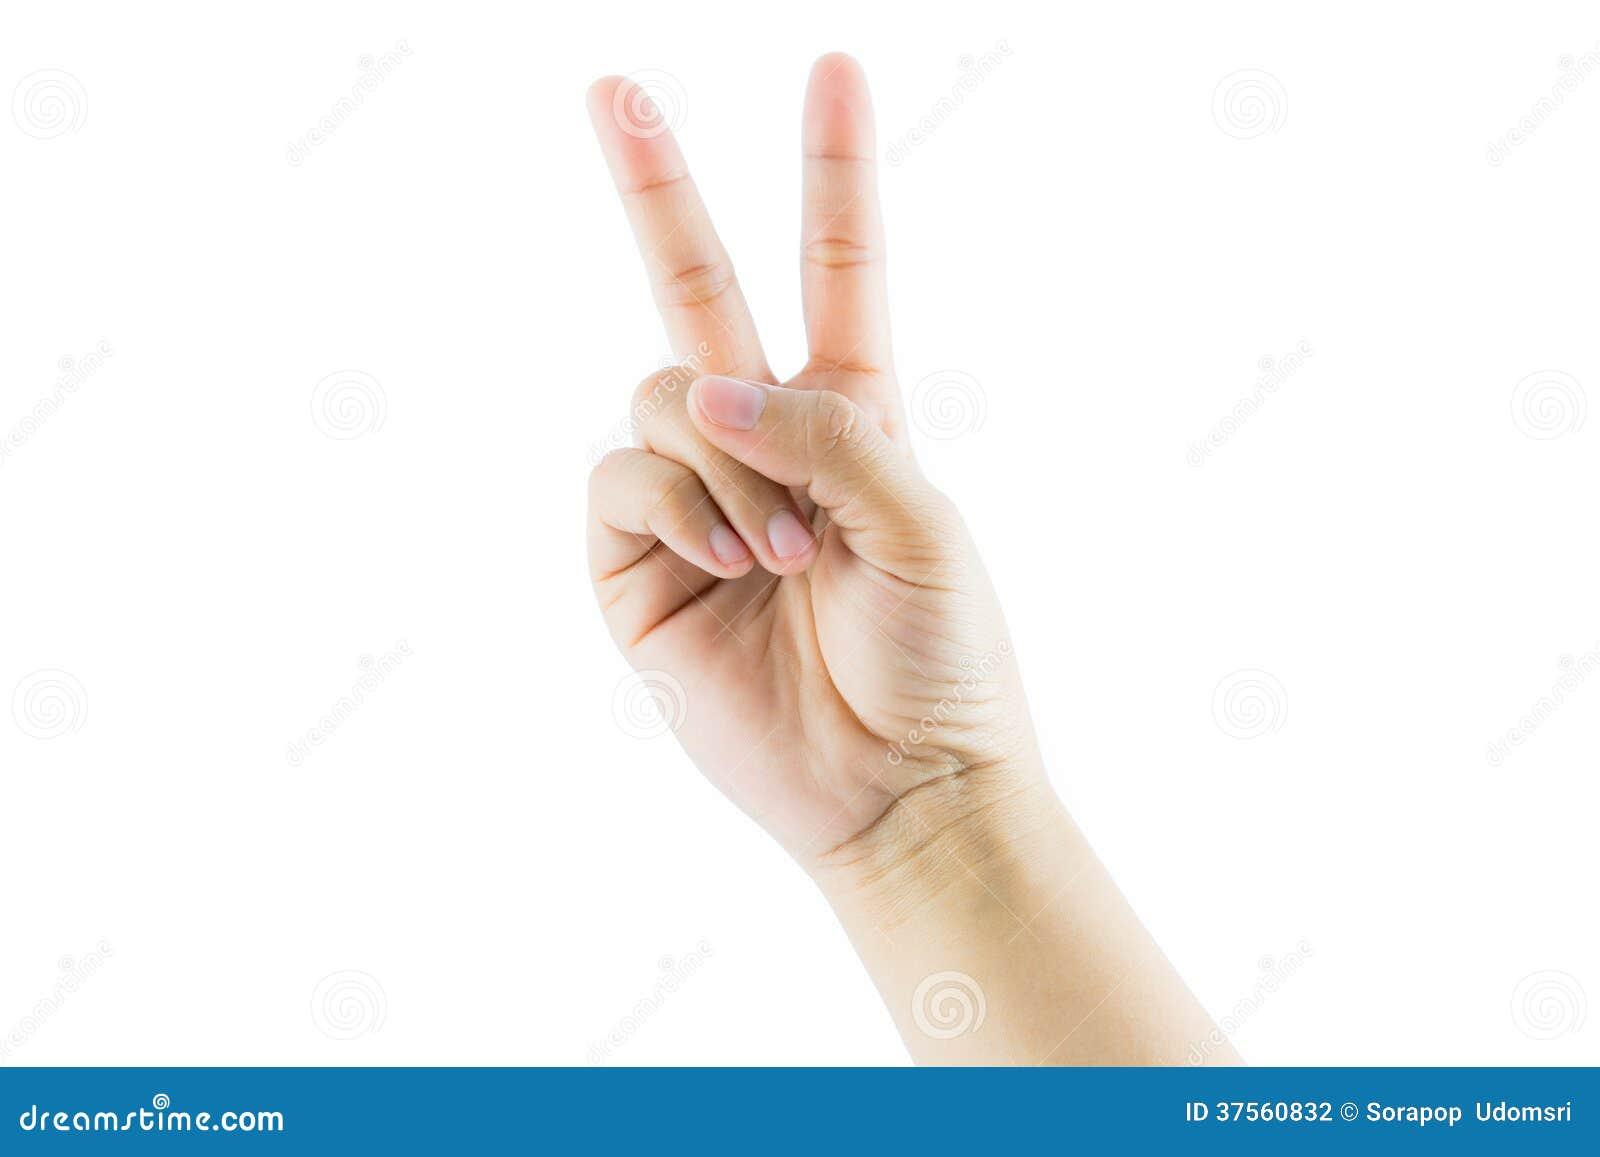 2 Hand